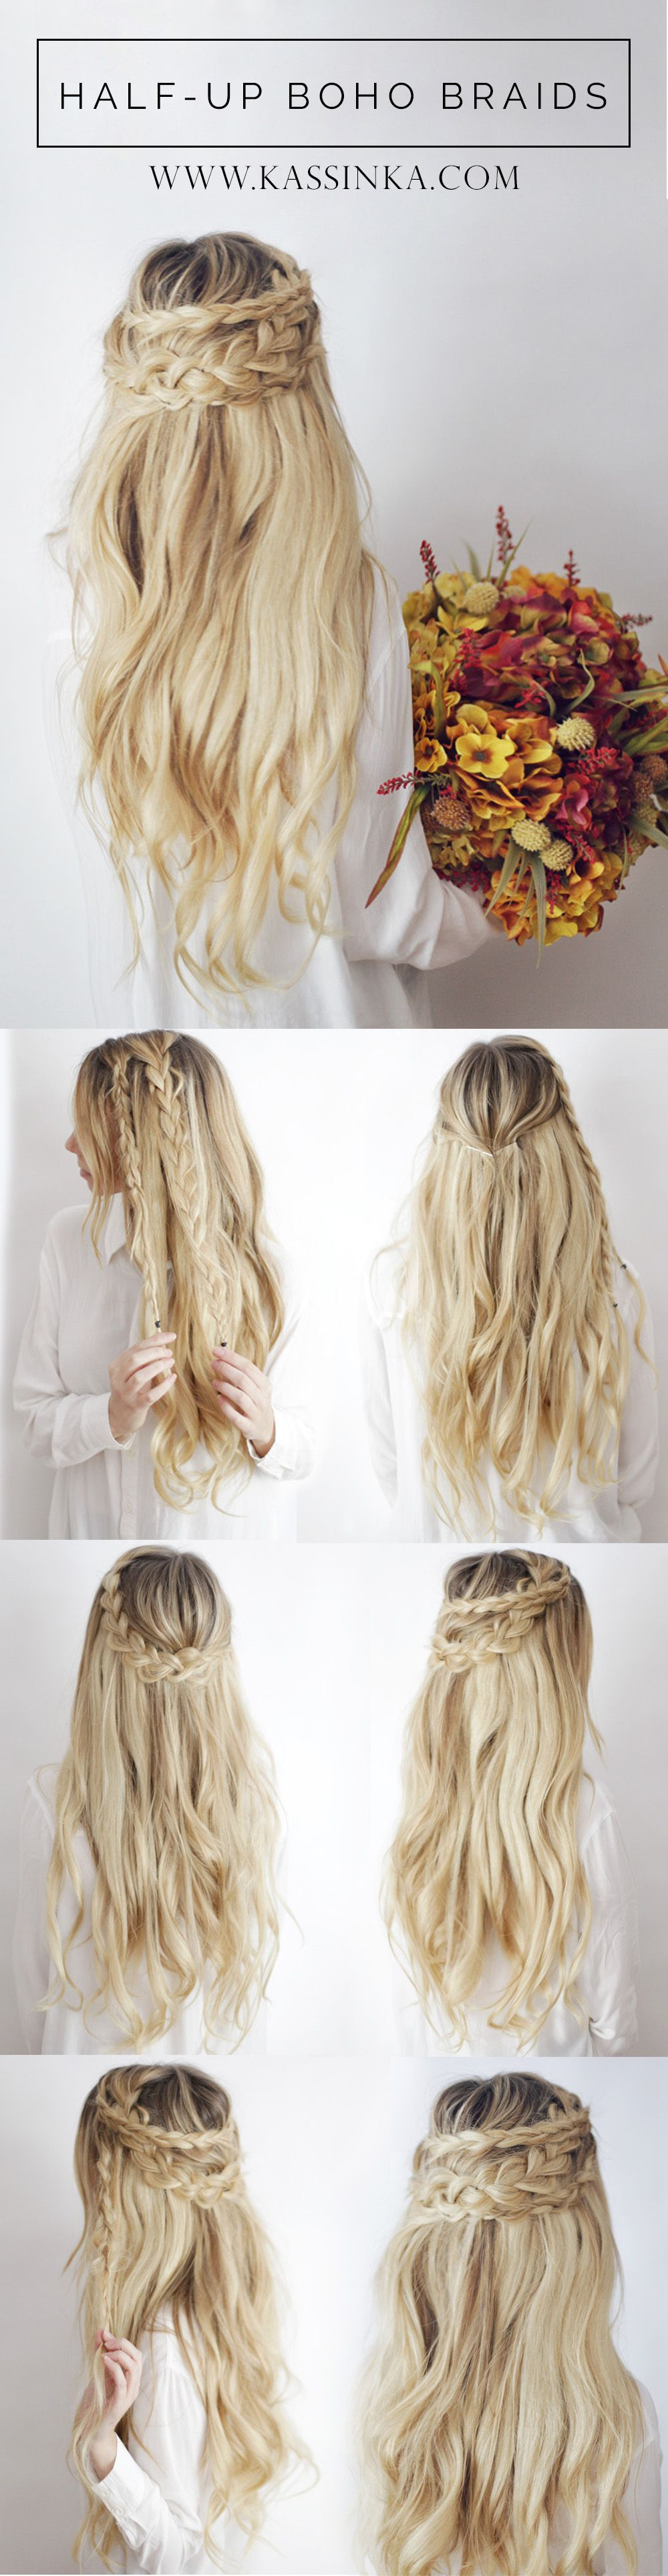 half-up boho braids bridal hair | Hair styles | Pinterest | Bridal ...